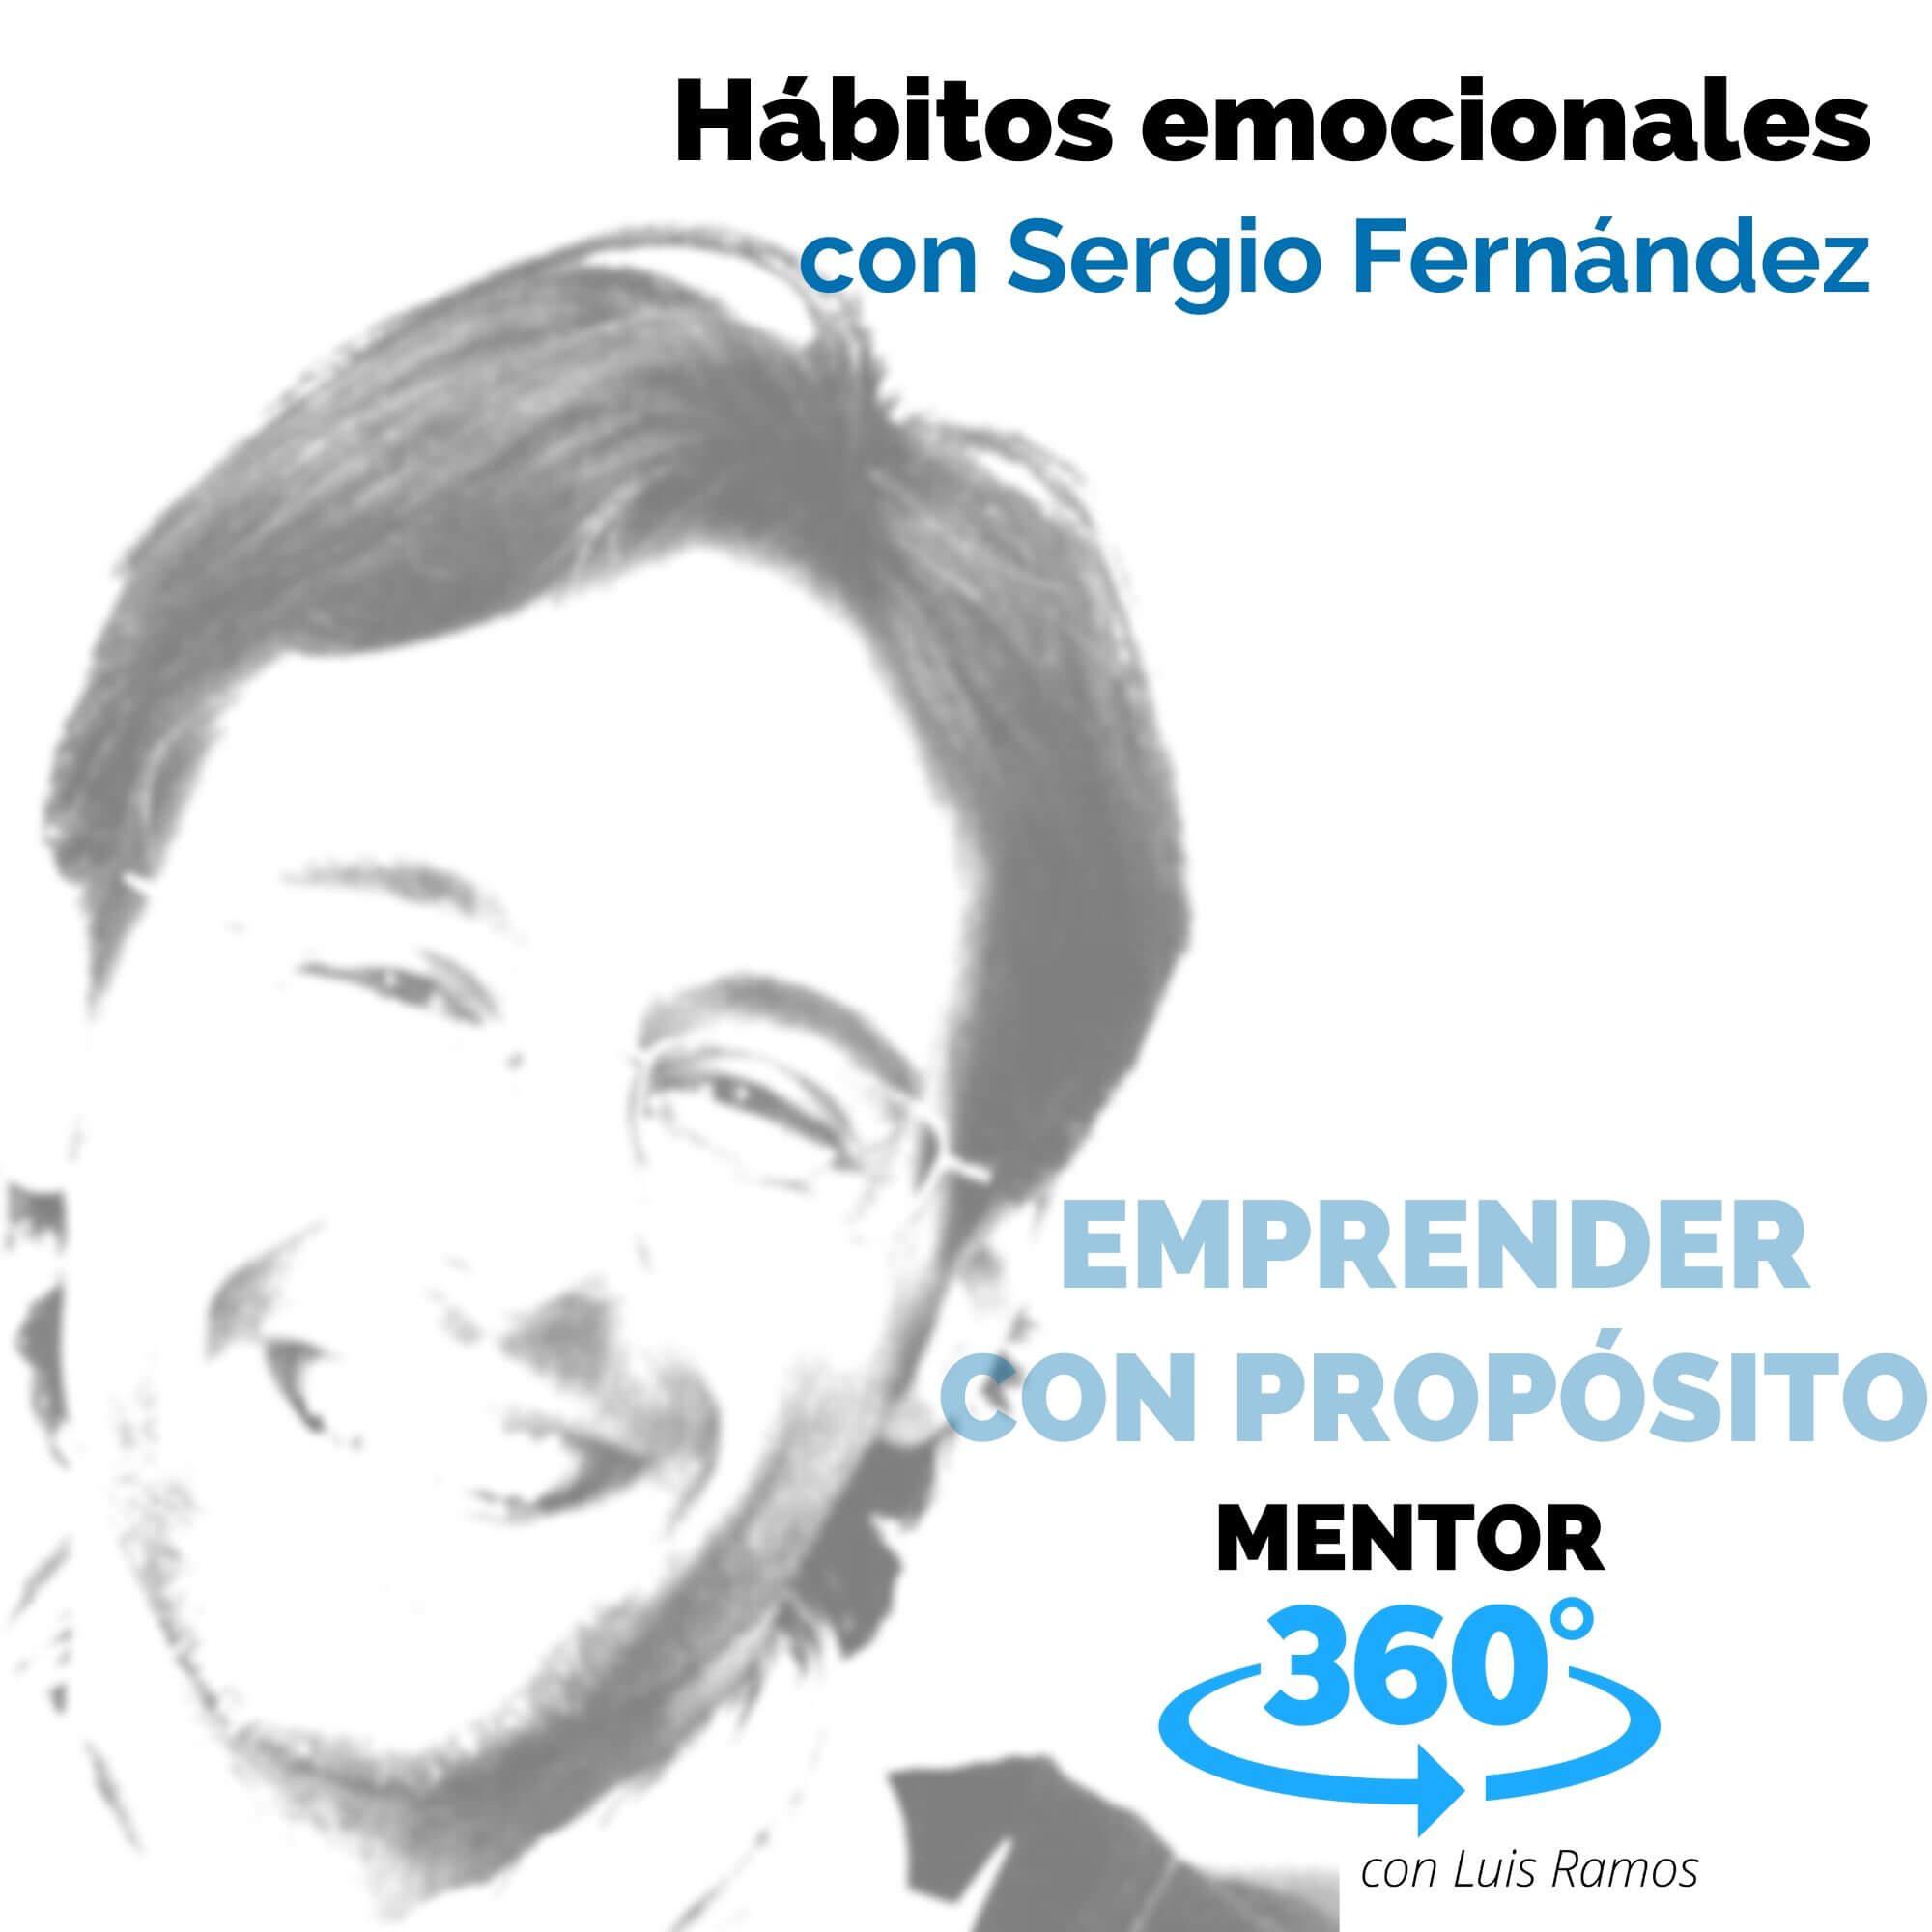 Hábitos emocionales, con Sergio Fernández - EMPRENDER CON PROPÓSITO